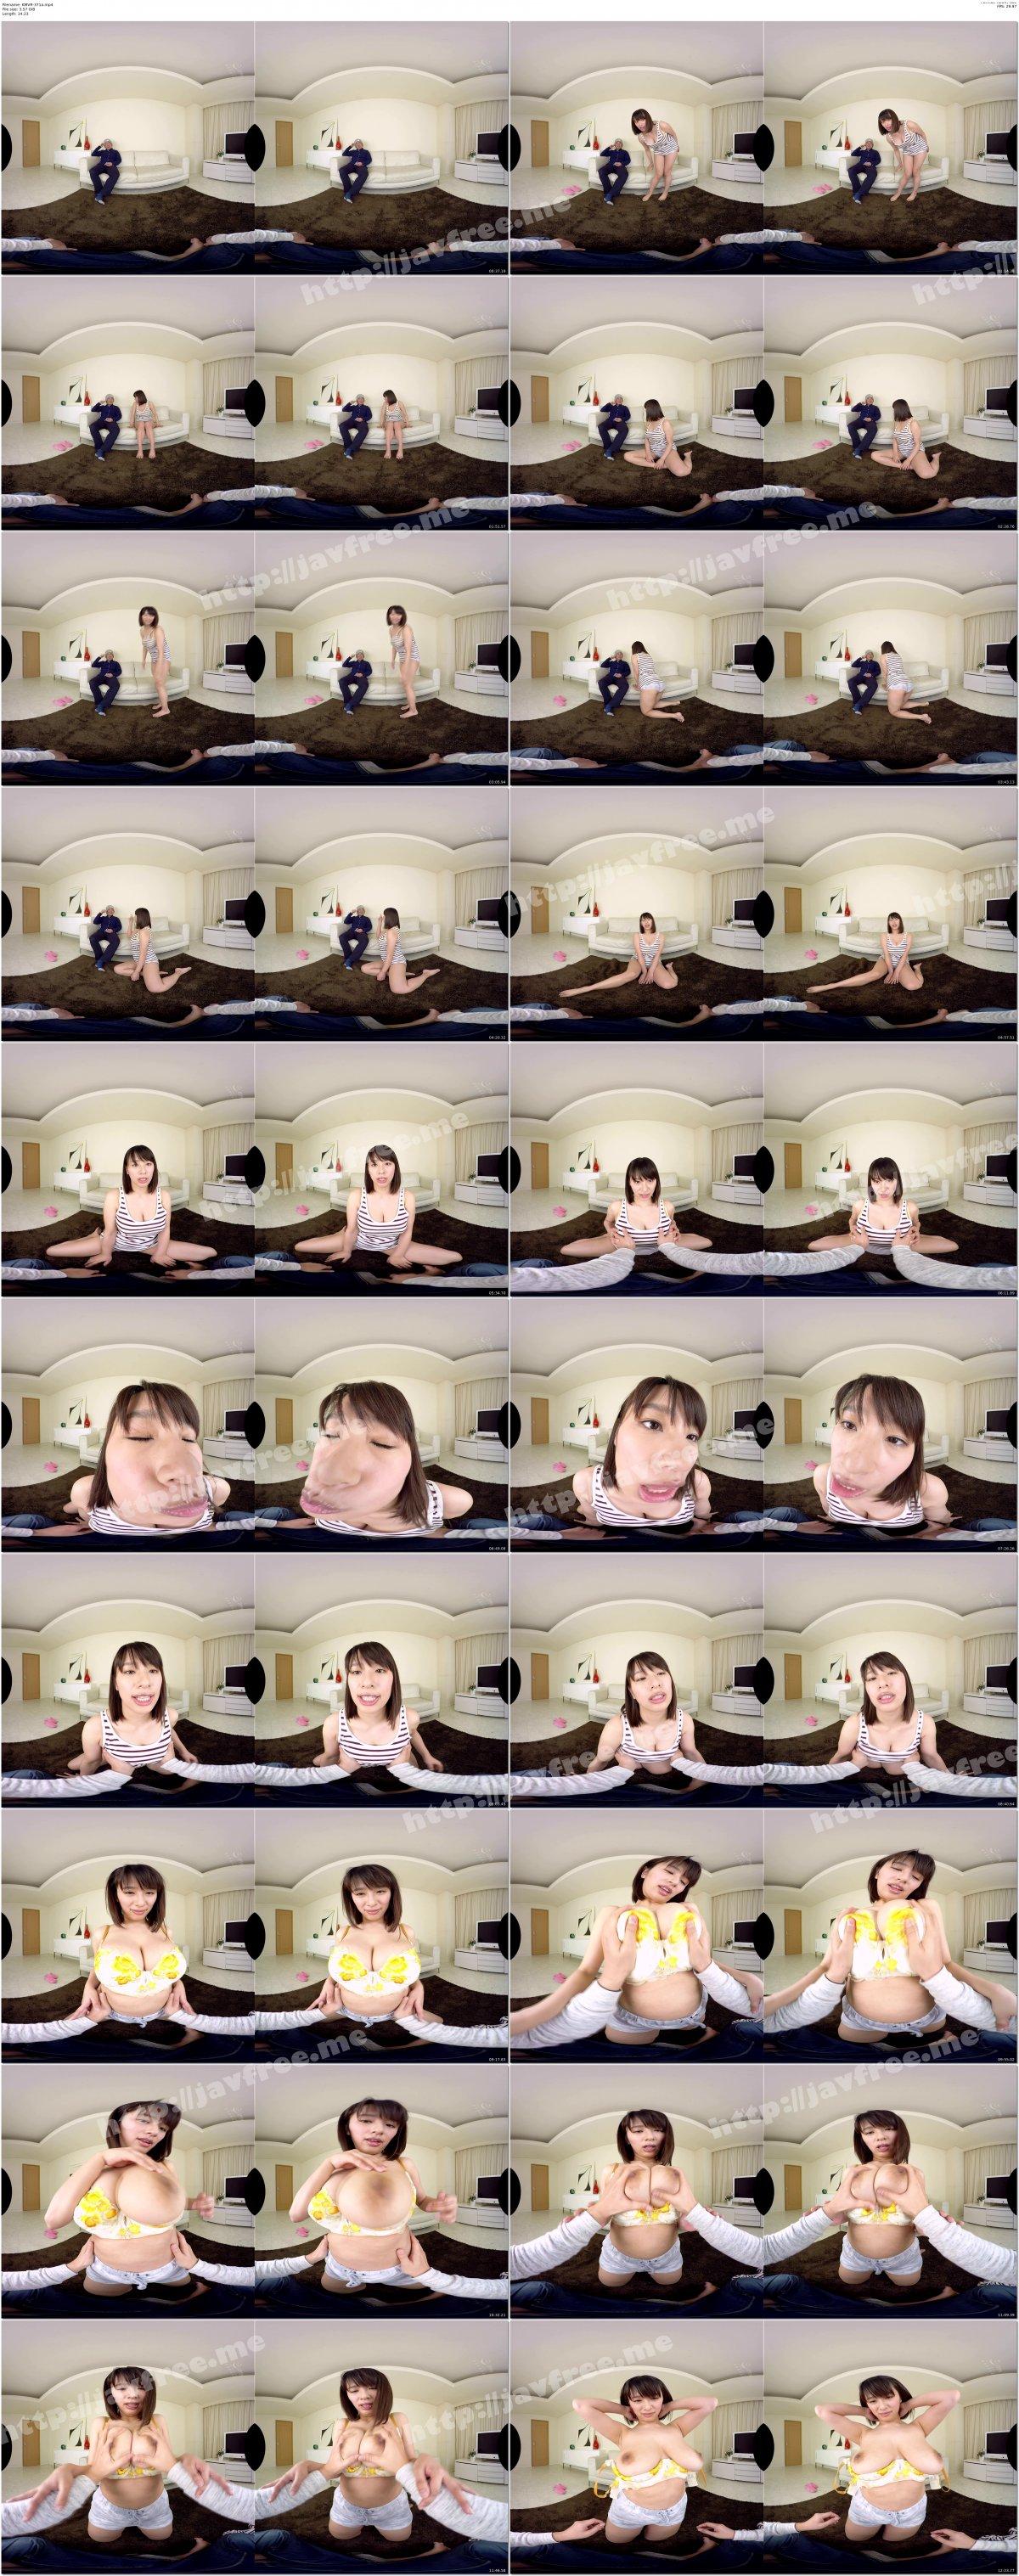 [KMVR-371] 【VR】濃厚密着生中SEX!友達のお姉ちゃんはどエロなKカップ美女! 春菜はな